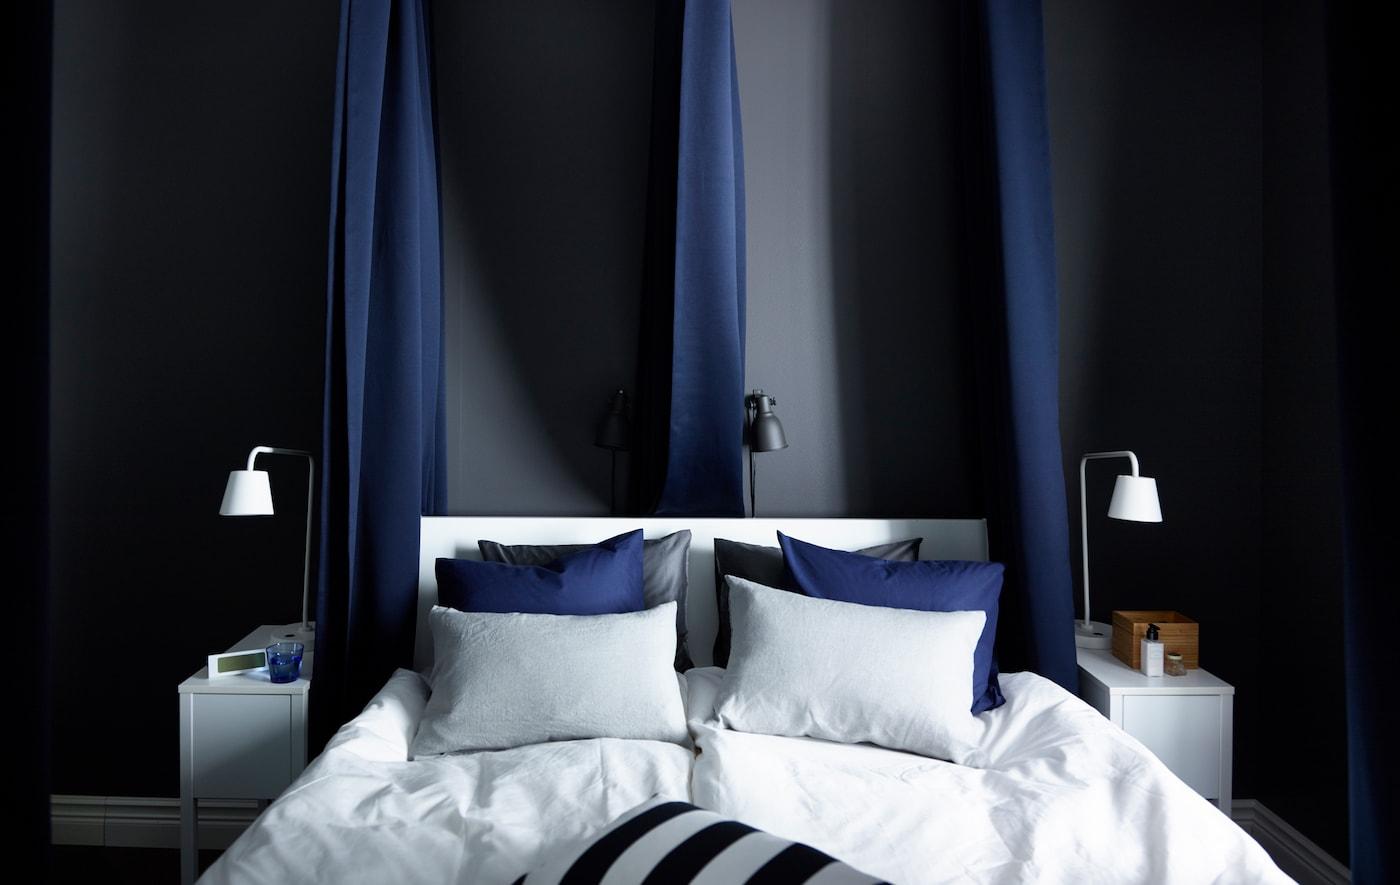 ستائر مبطّنة، لون أزرق داكن معلقة حول السرير من الخارج وفي المنتصف تساعد في حجب الصوت والضوء. حوائط داكنة وشراشف سرير بيضاء ناصعة تساعد في إضفاء إحساس بالهدوء.